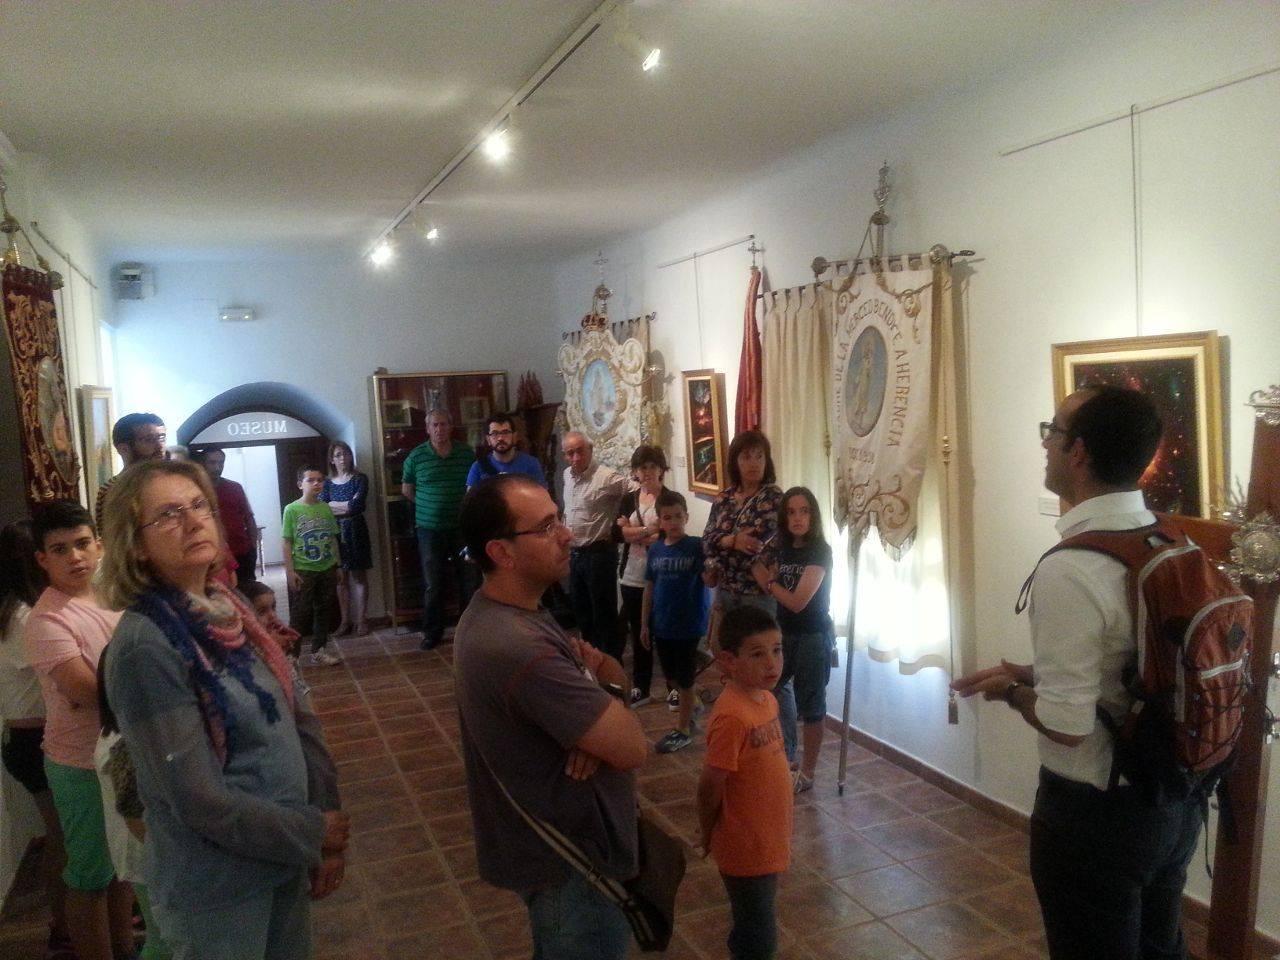 visita casa museo de la merced de herencia 16 05 2015 8 - Visita a la casa-museo de La Merced para conmemorar el Día Internacional de los Museos